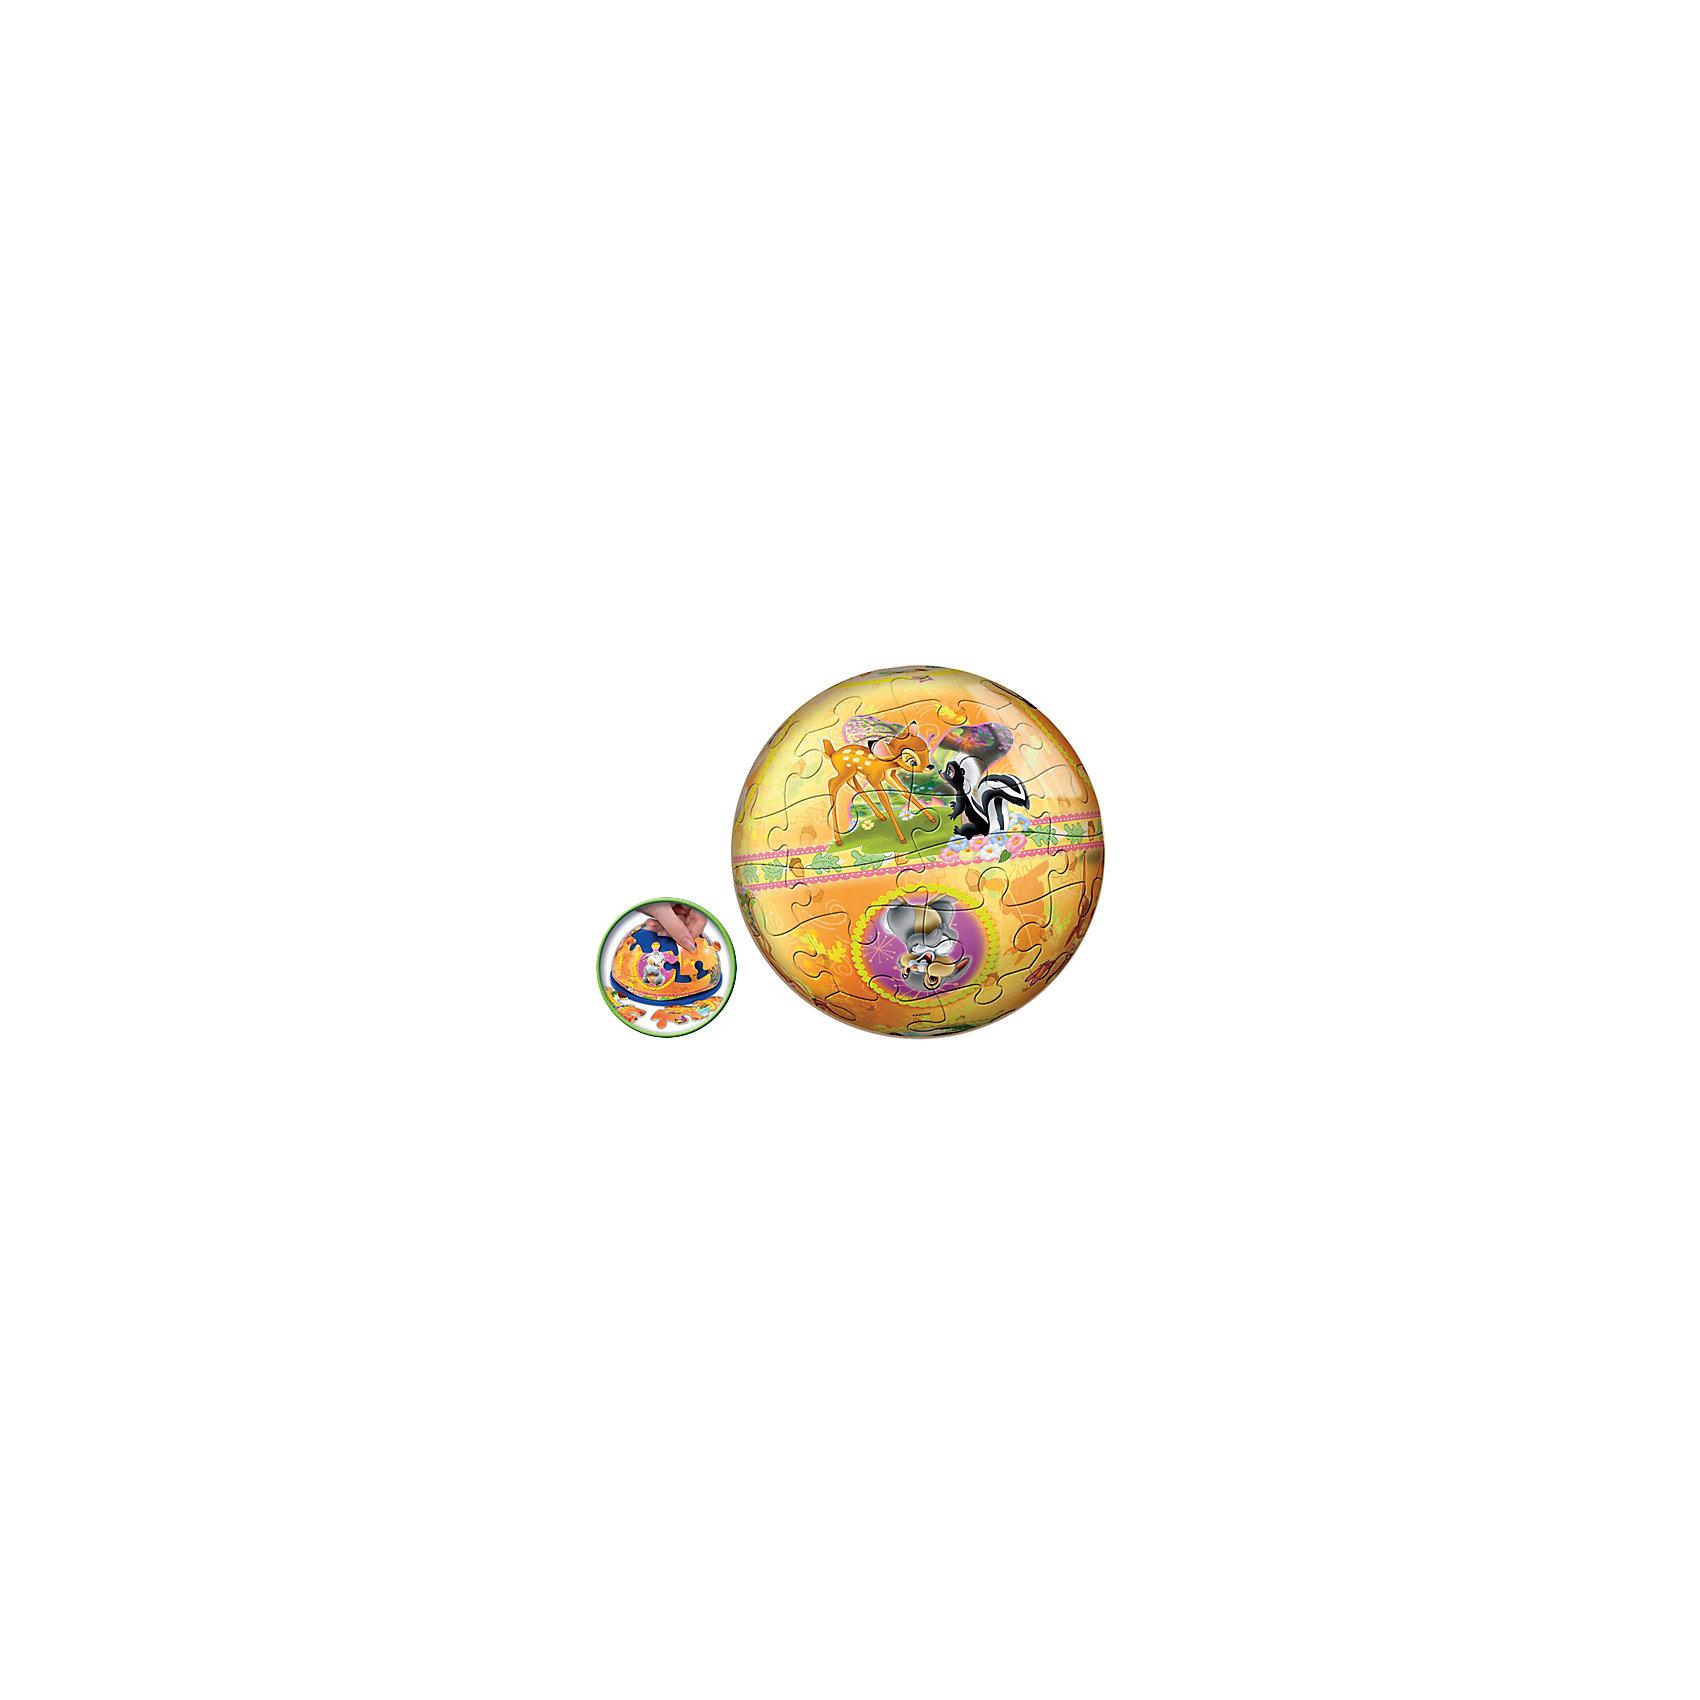 Пазл-шар Бемби, 24 детали, DisneyПазлы-шары<br>Характеристики товара:<br><br>• возраст: от 3 лет;<br>• материал: пластик;<br>• в комплекте: 24 элемента, подставка;<br>• диаметр шара: 12 см;<br>• размер упаковки: 20,5х18,5х6 см;<br>• вес упаковки: 380 гр.;<br>• страна производитель: Россия.<br><br>Пазл-шар «Бэмби» Disney Step Puzzle — оригинальный пазл, элементы которого имеют изогнутую форму и собираются вместе, образуя шар. Собрав его, получается объемная фигура с изображениями любимых героев мультфильма про олененка Бэмби.<br><br>В процессе сборки пазла развиваются мелкая моторика рук, усидчивость, внимательность, логическое мышление. Все детали выполнены из качественного прочного пластика и надежно скрепляются между собой.<br><br>Пазл-шар «Бэмби» Disney Step Puzzle можно приобрести в нашем интернет-магазине.<br><br>Ширина мм: 205<br>Глубина мм: 185<br>Высота мм: 60<br>Вес г: 380<br>Возраст от месяцев: 36<br>Возраст до месяцев: 2147483647<br>Пол: Унисекс<br>Возраст: Детский<br>Количество деталей: 24<br>SKU: 5346204